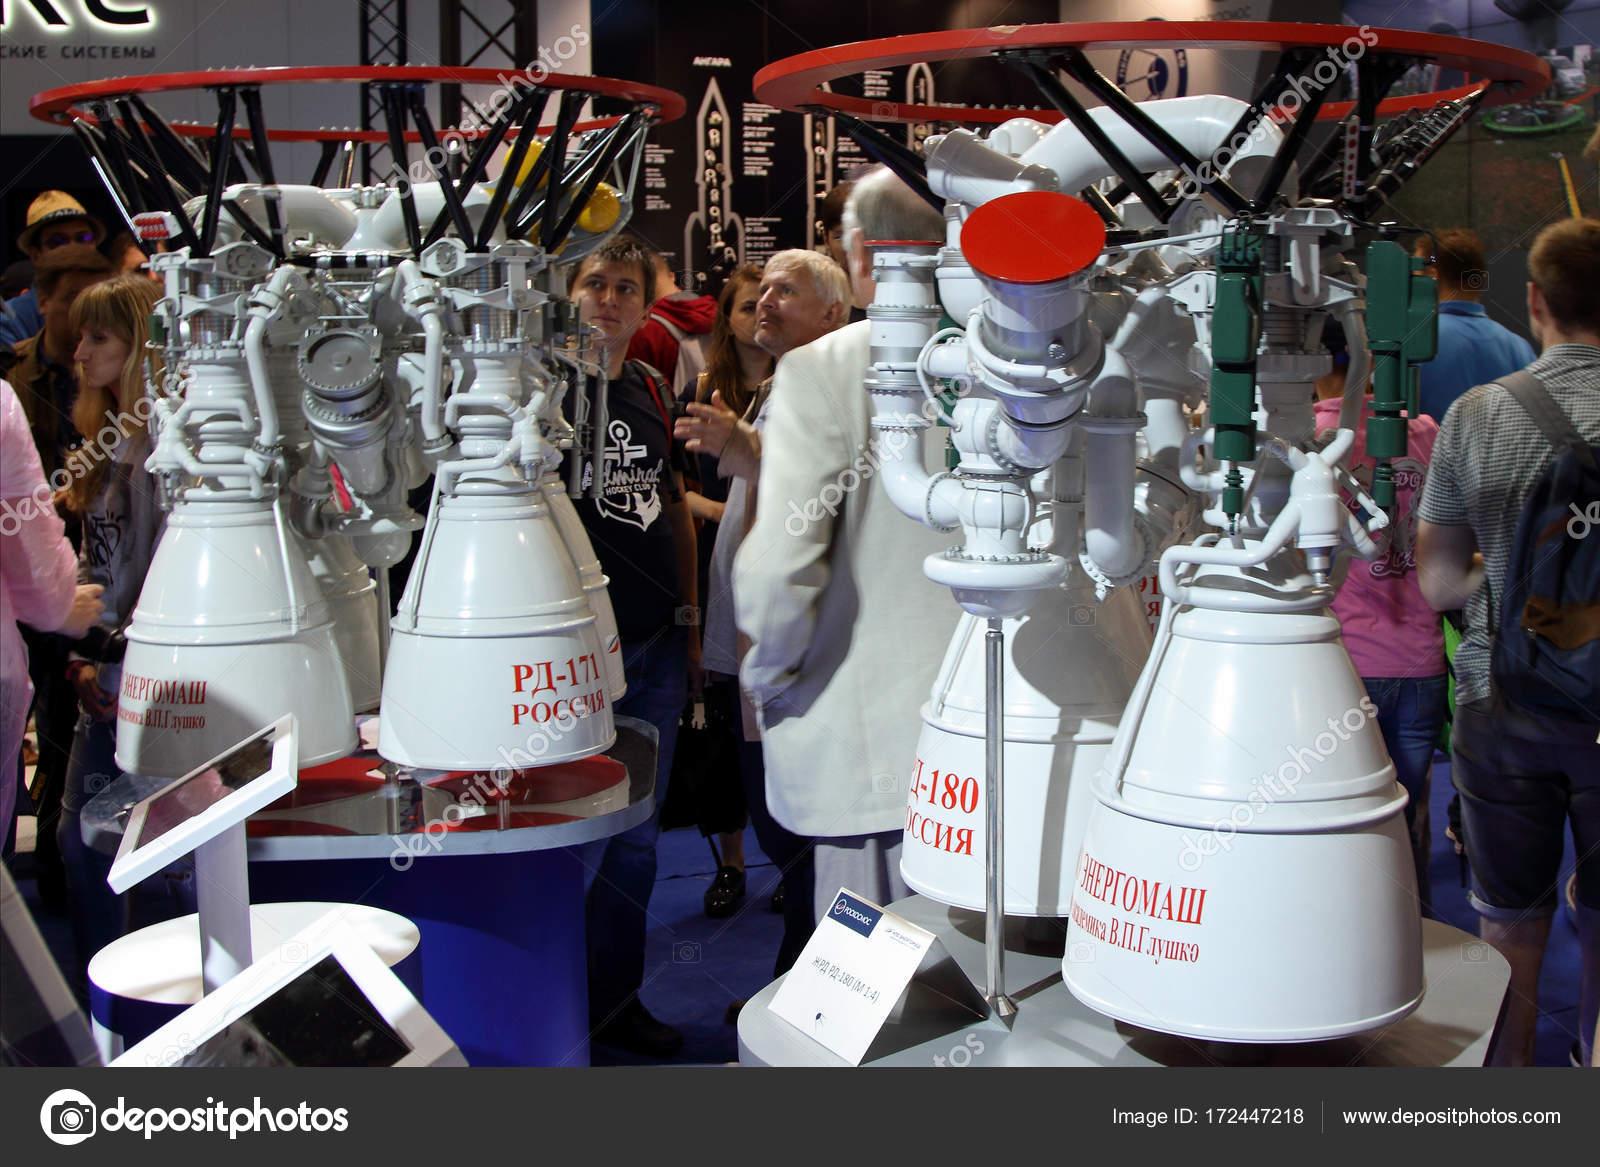 液体ロケット エンジン Rd 180 ...